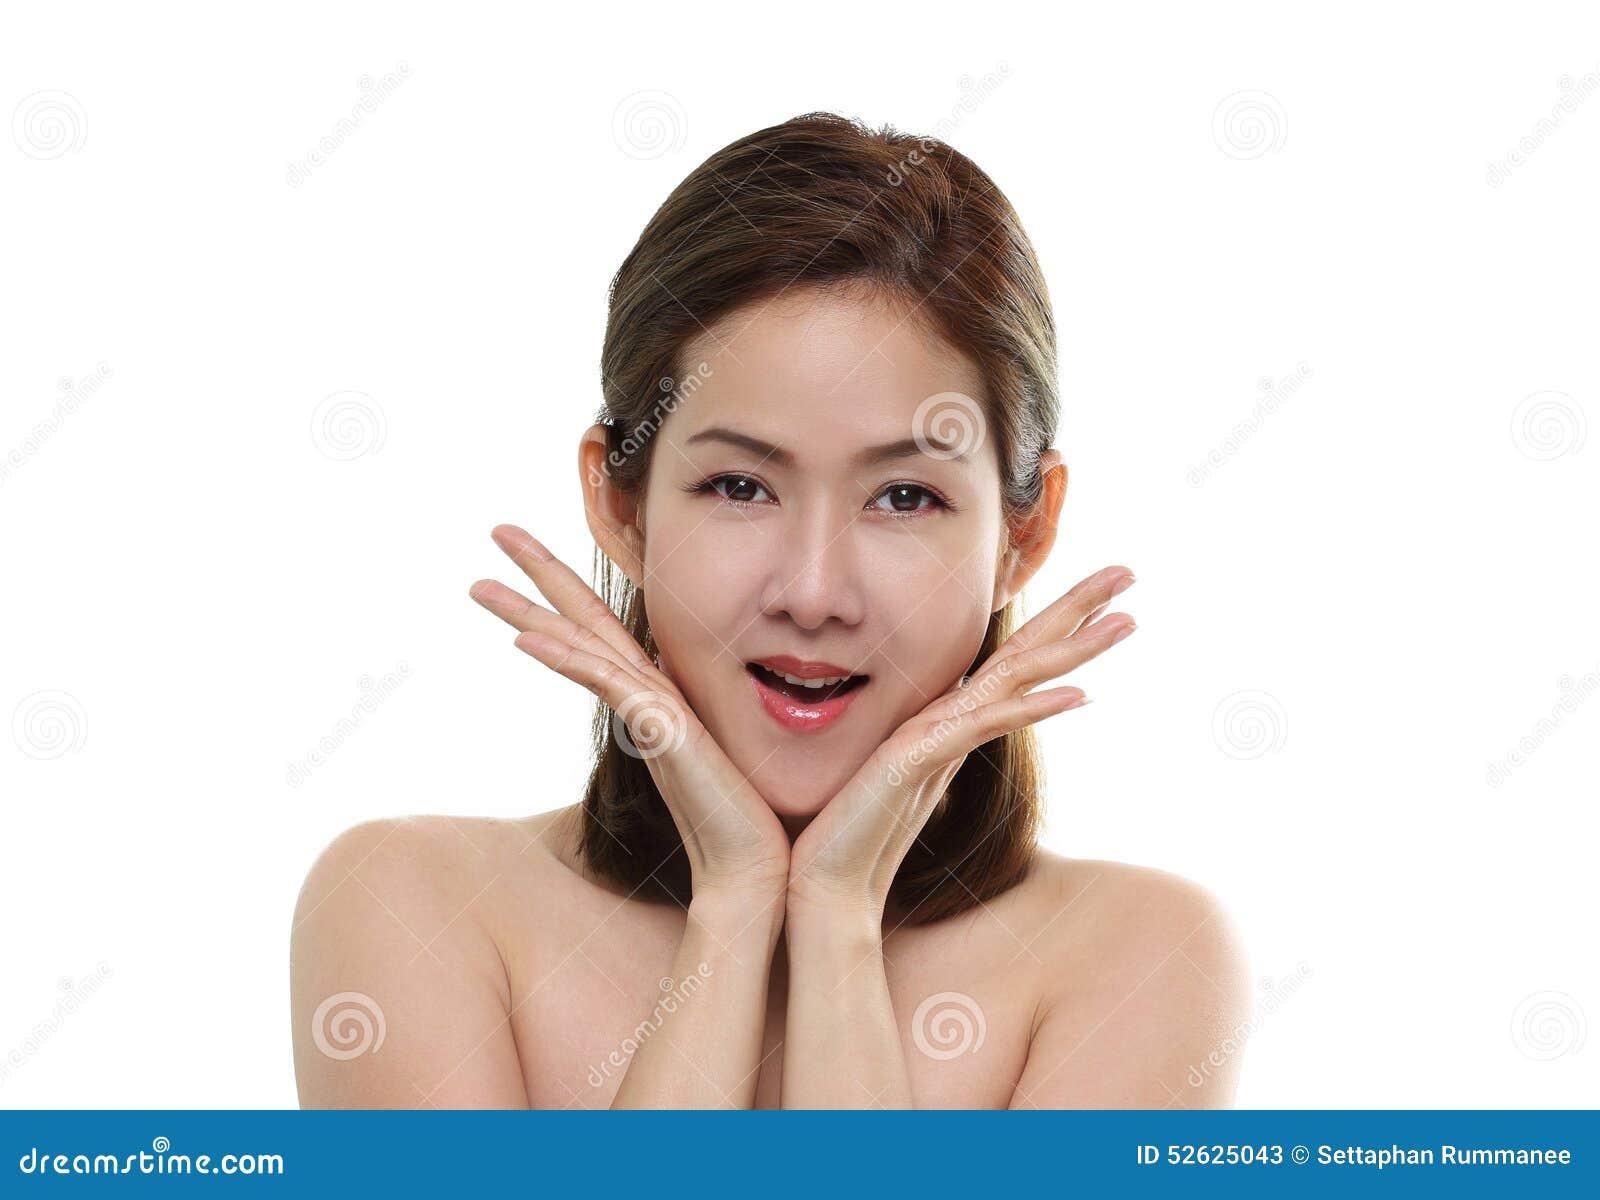 Le och överraskning för härliga kvinnor asiatiskt lyckligt med bra sunt av hud din isolerade framsida